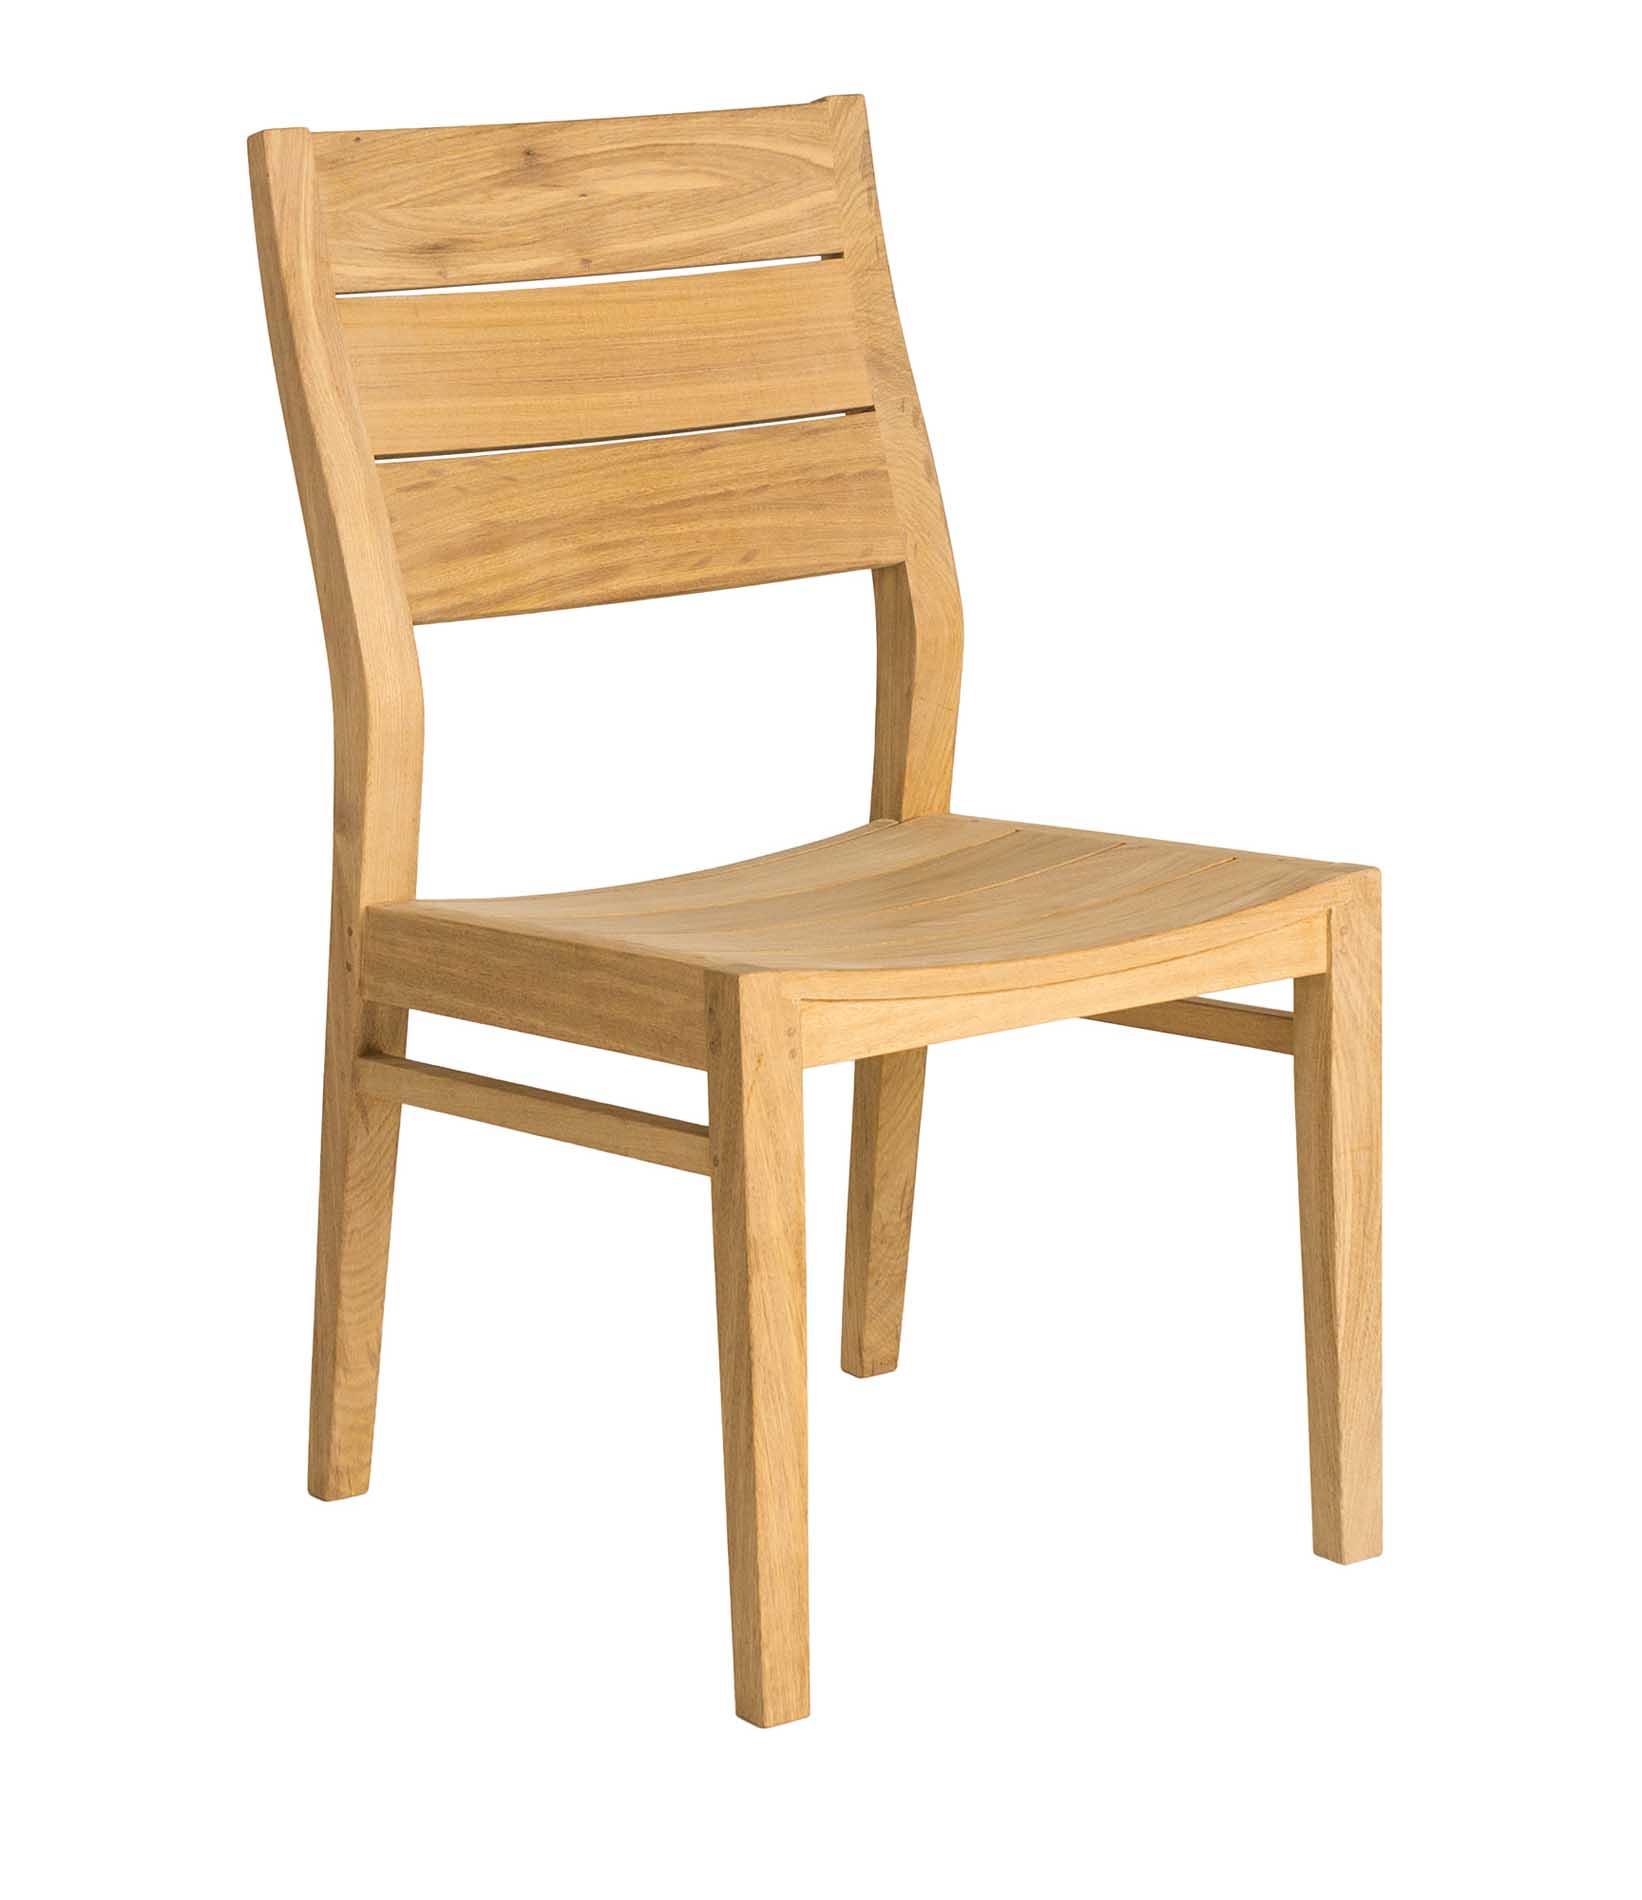 Chaise repas dossier haut en bois jaune